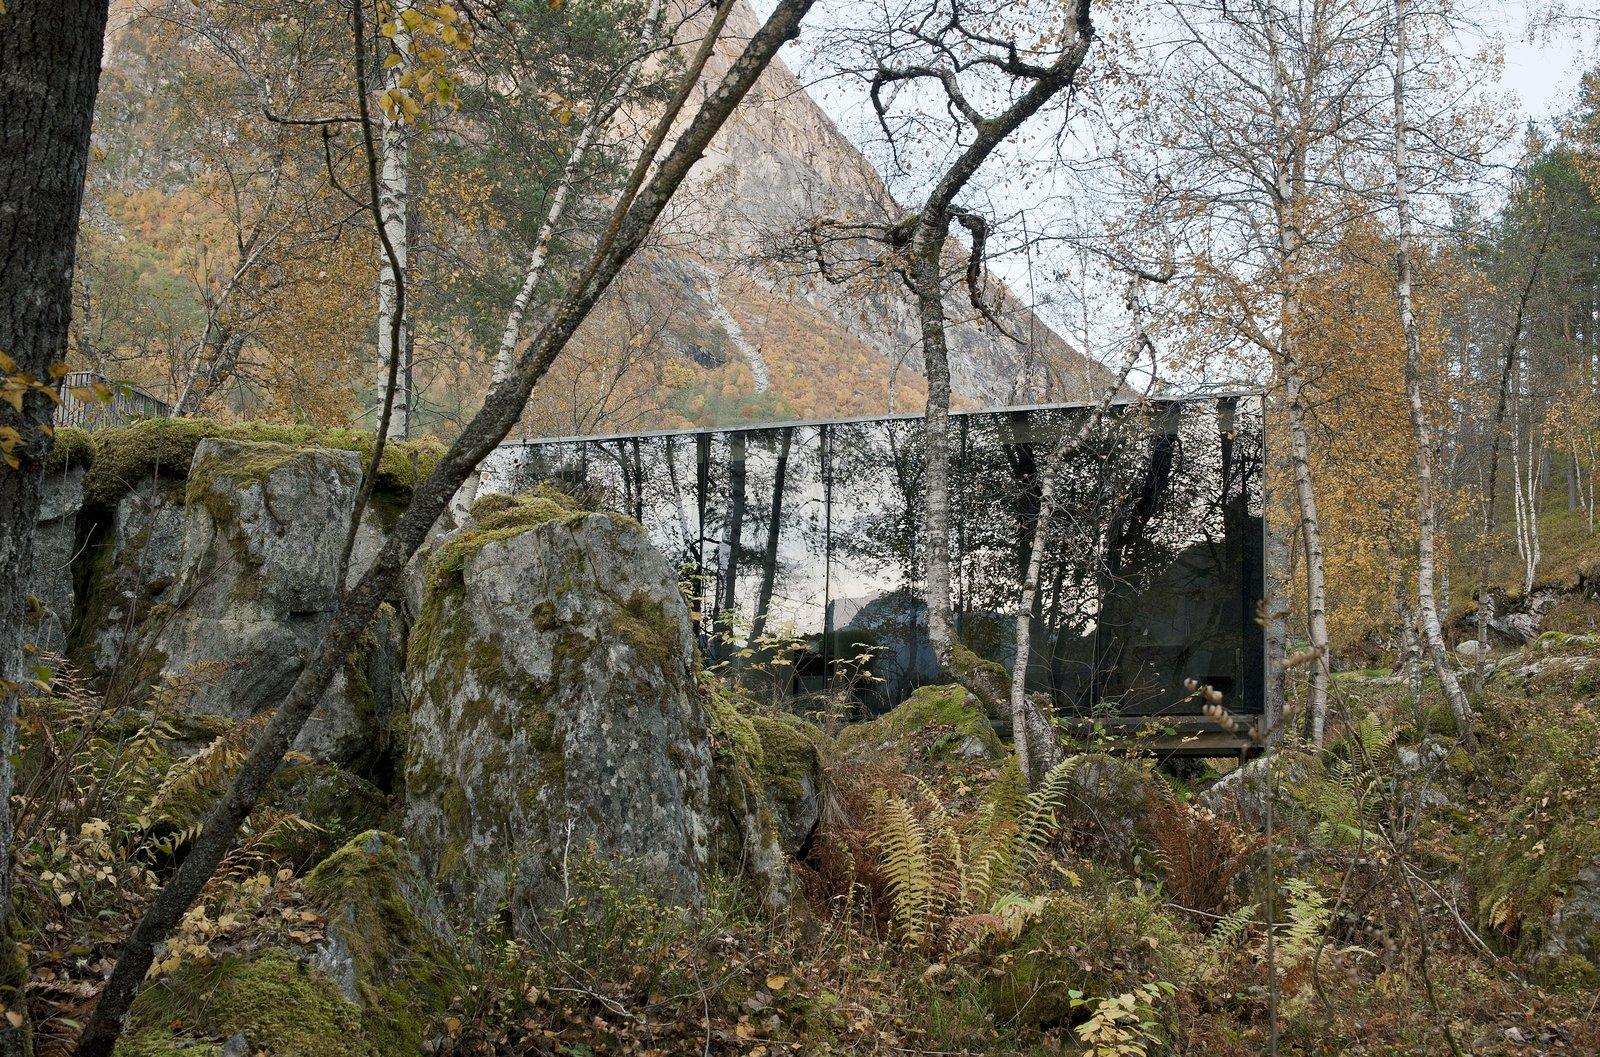 Cabins & Hideouts by Stephen Blake from Kool Kribs